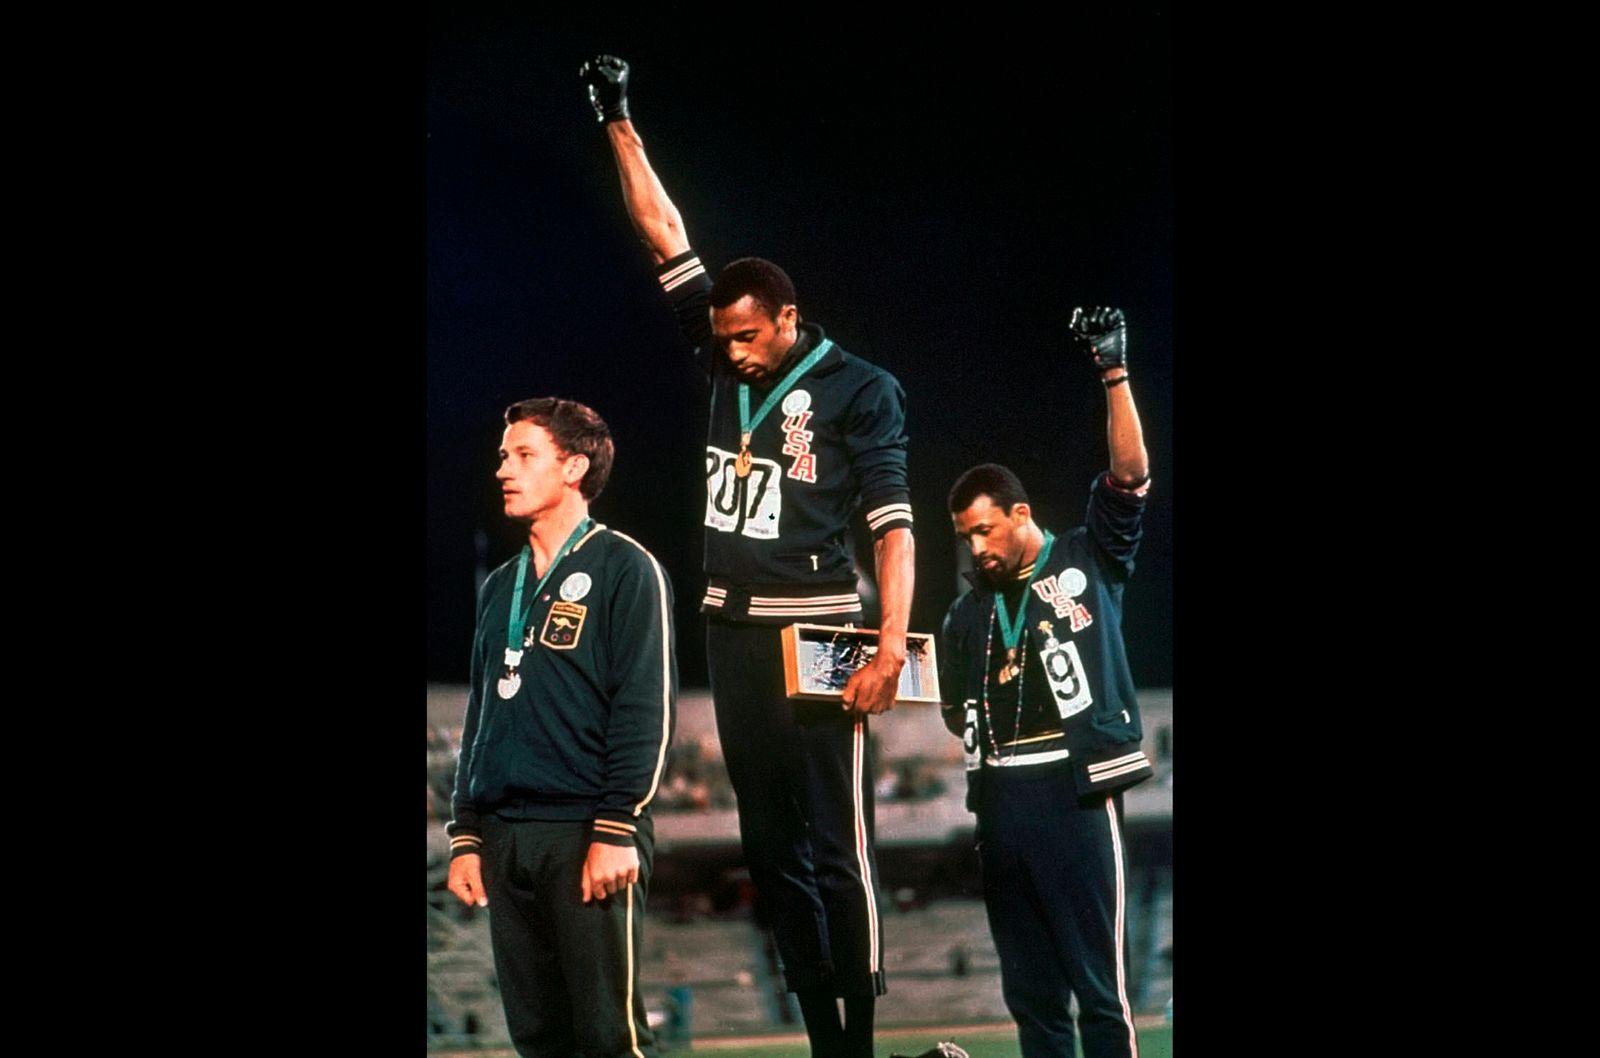 IOC Athlete Protest